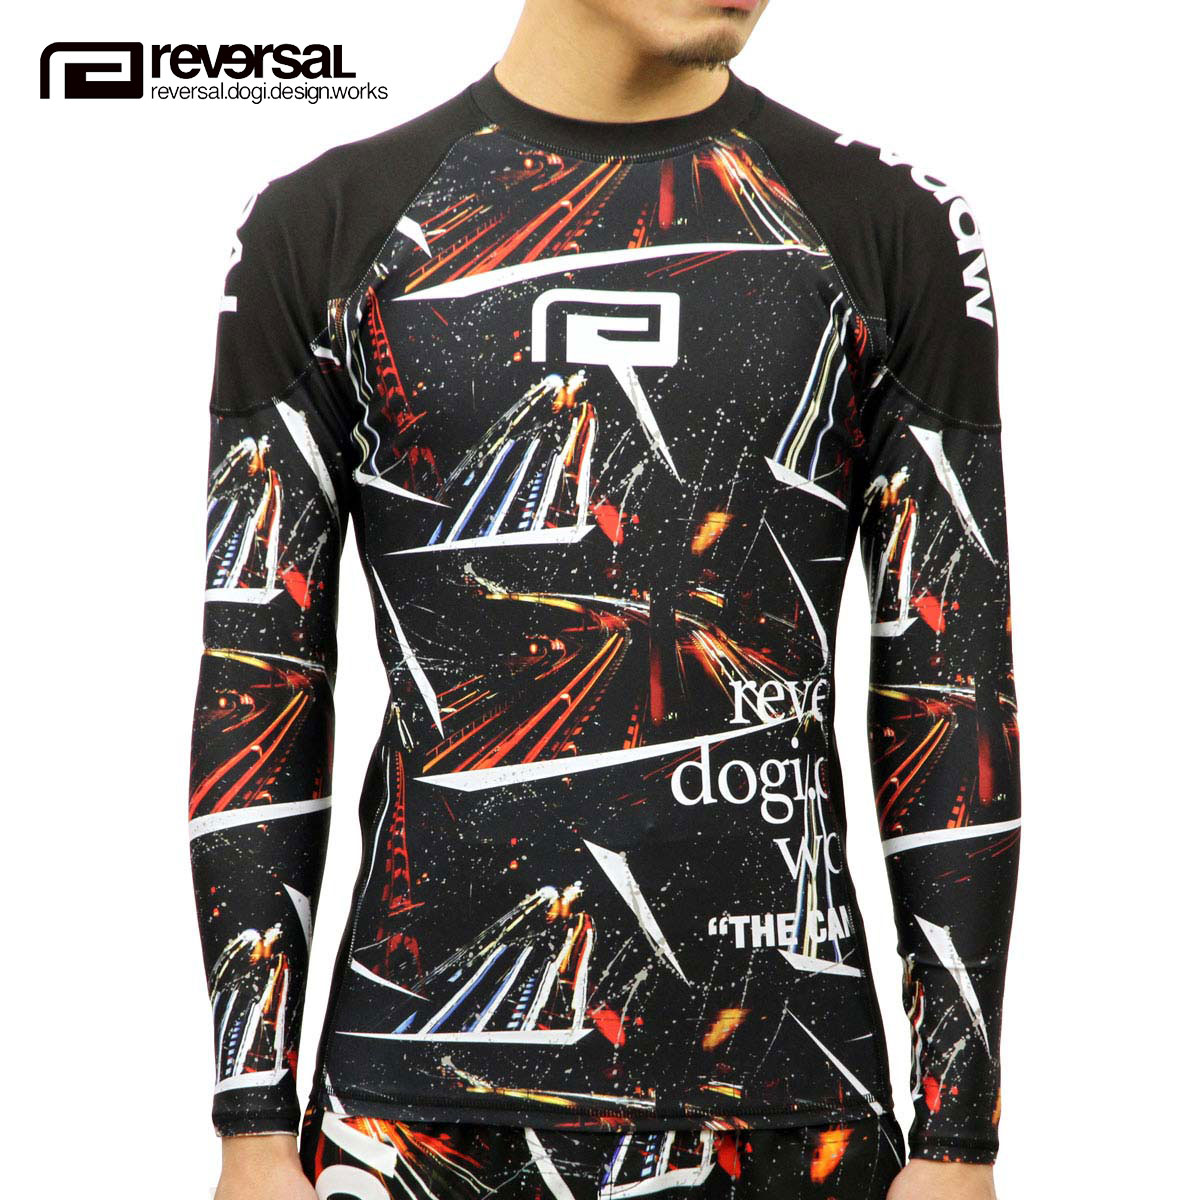 リバーサル REVERSAL 正規販売店 メンズ 長袖T シャツ NIGHT RACE LONG RASH GUARD rv17aw033 BLACK